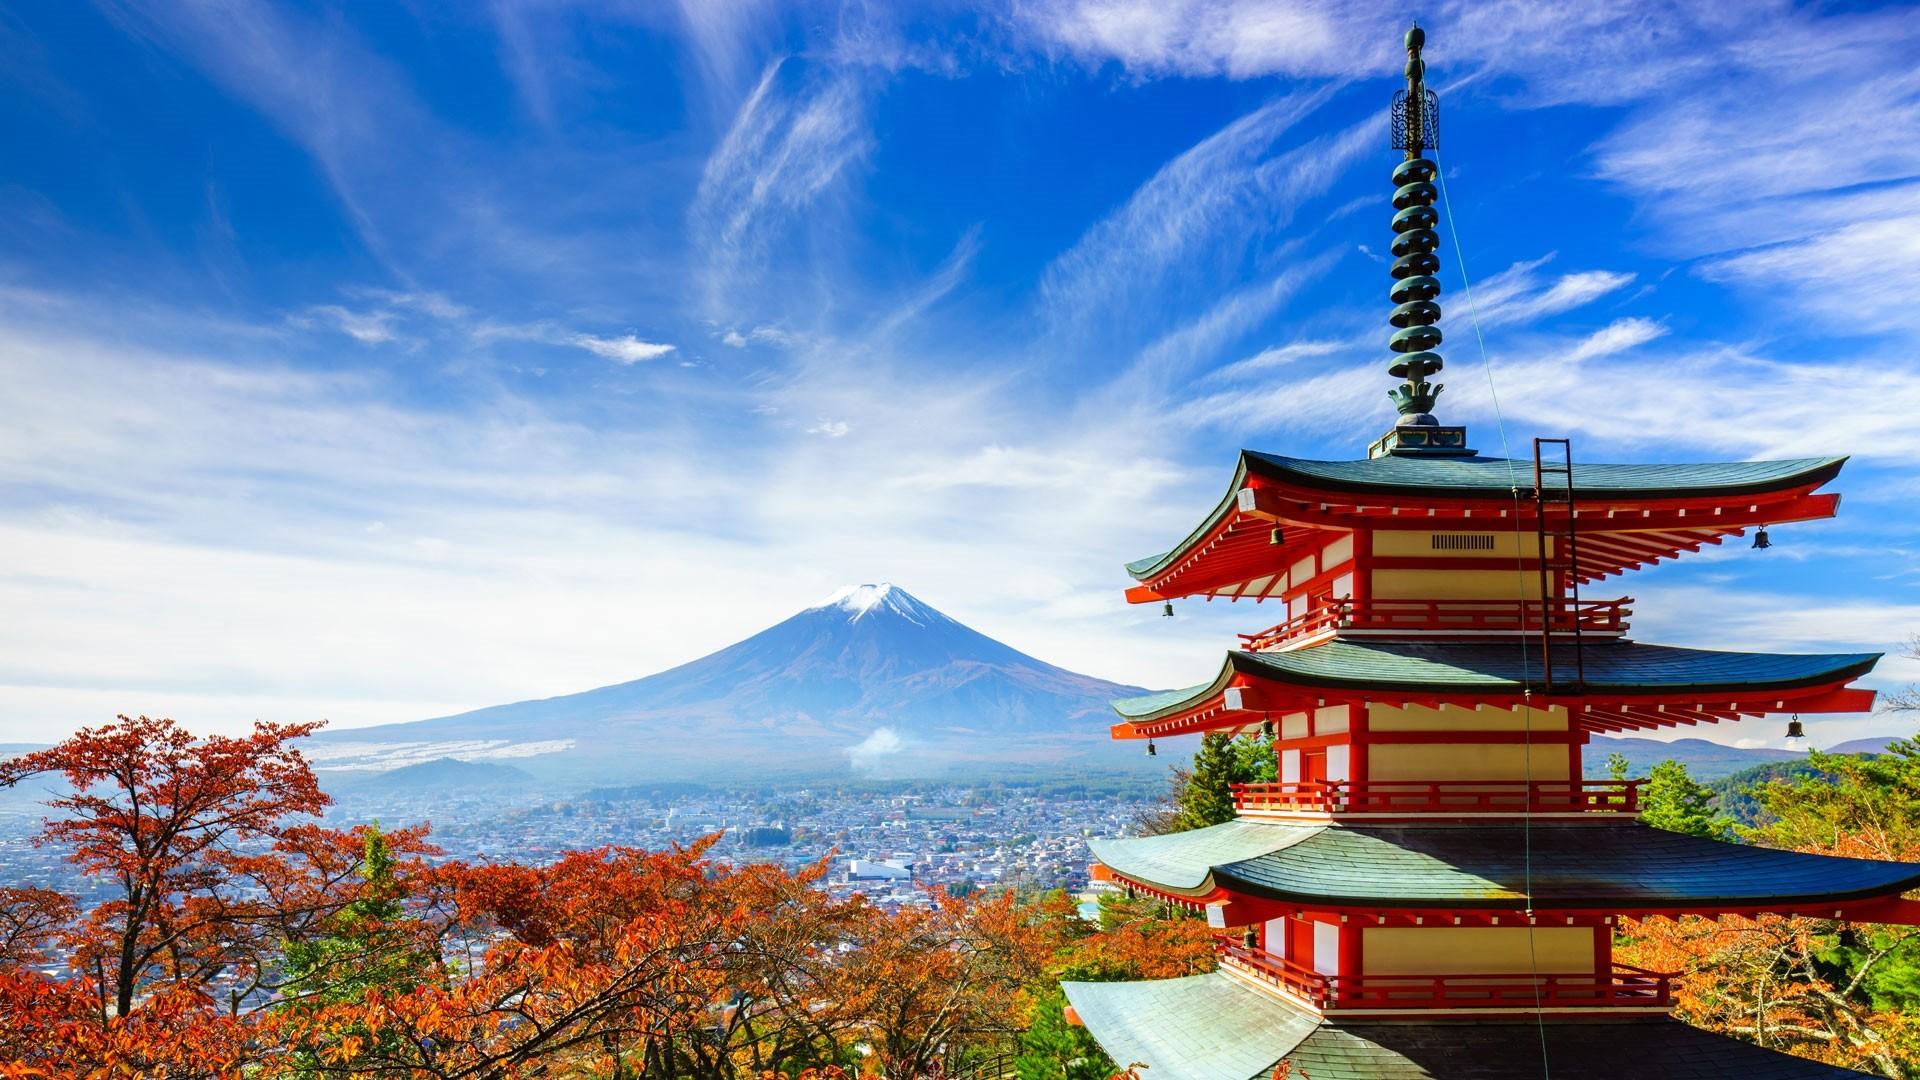 Japan Wallpaper Pic